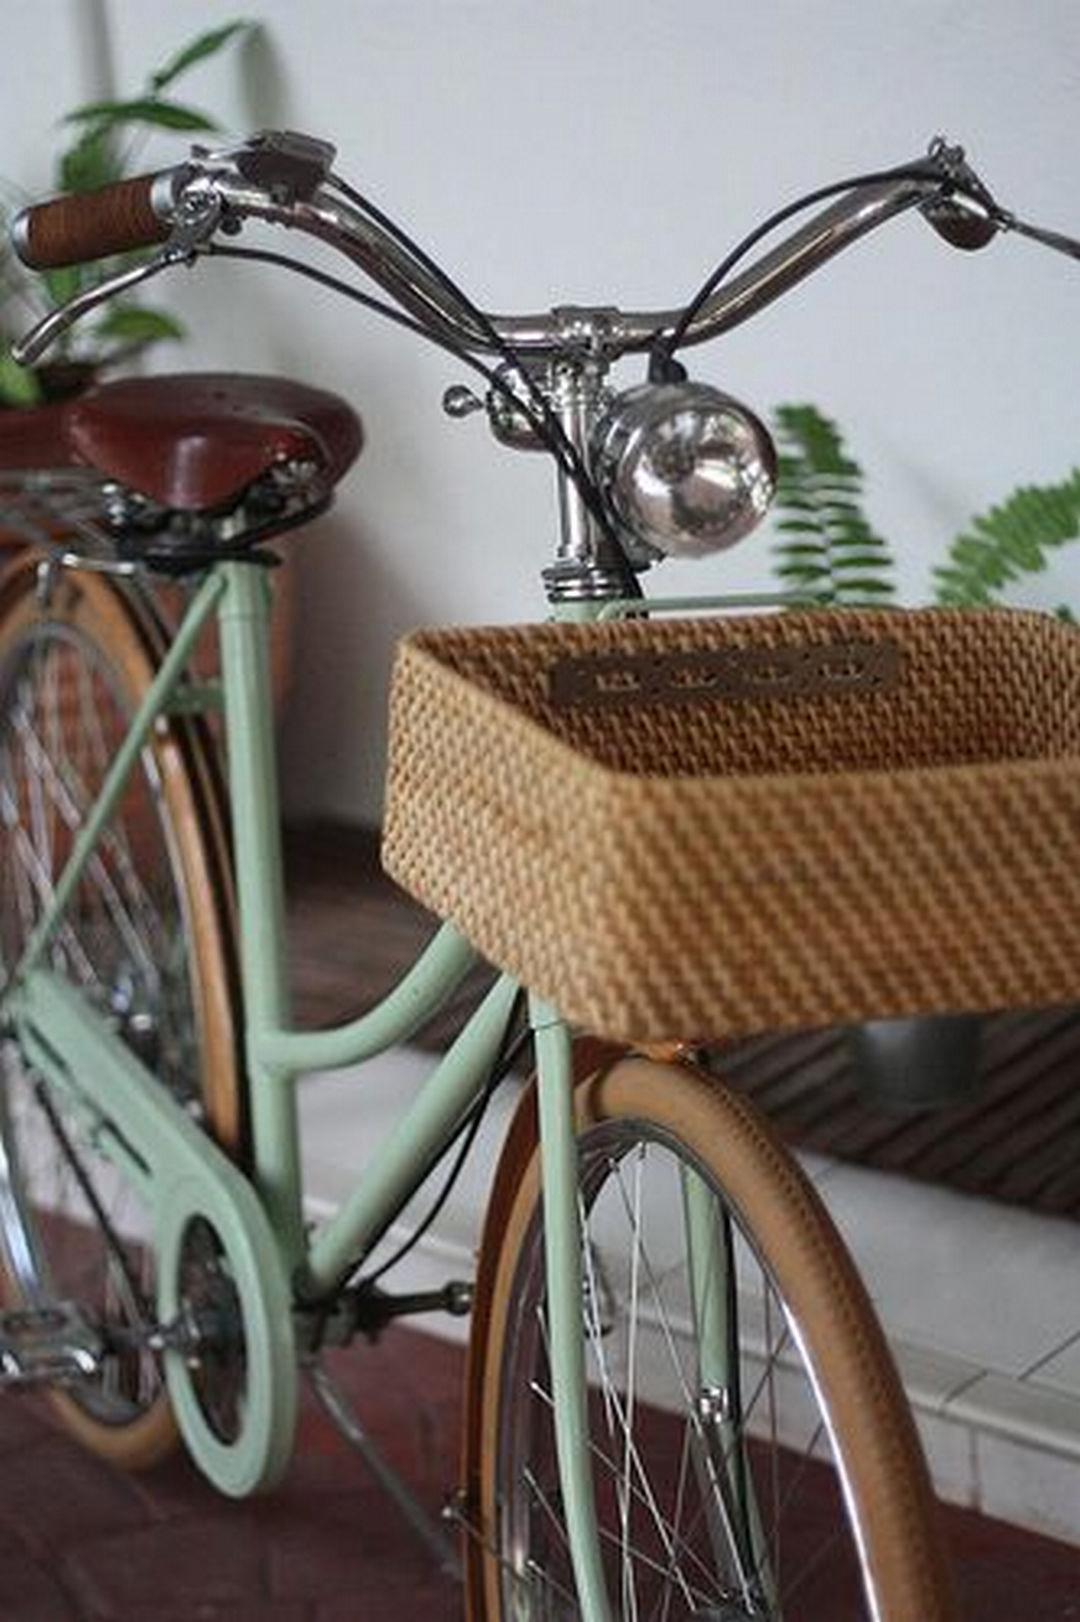 Stunning Vintage Bicycle Design 58 Retro Bike Vintage Bicycles Bike Restoration Bicycle